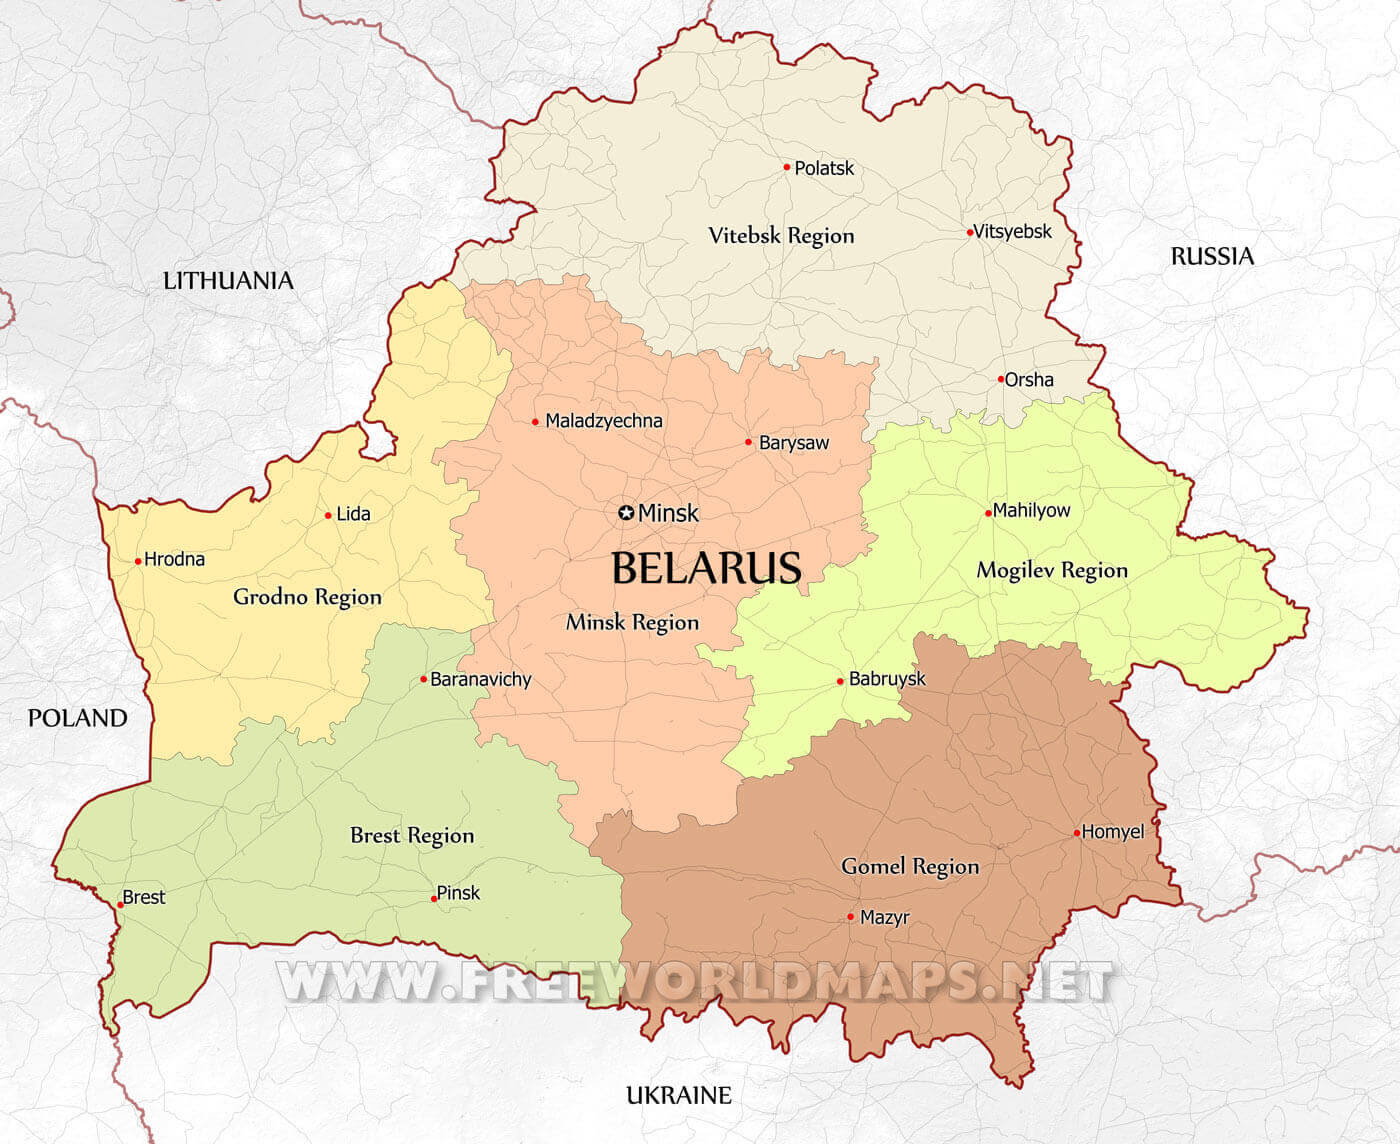 Belarus Maps - by Fr